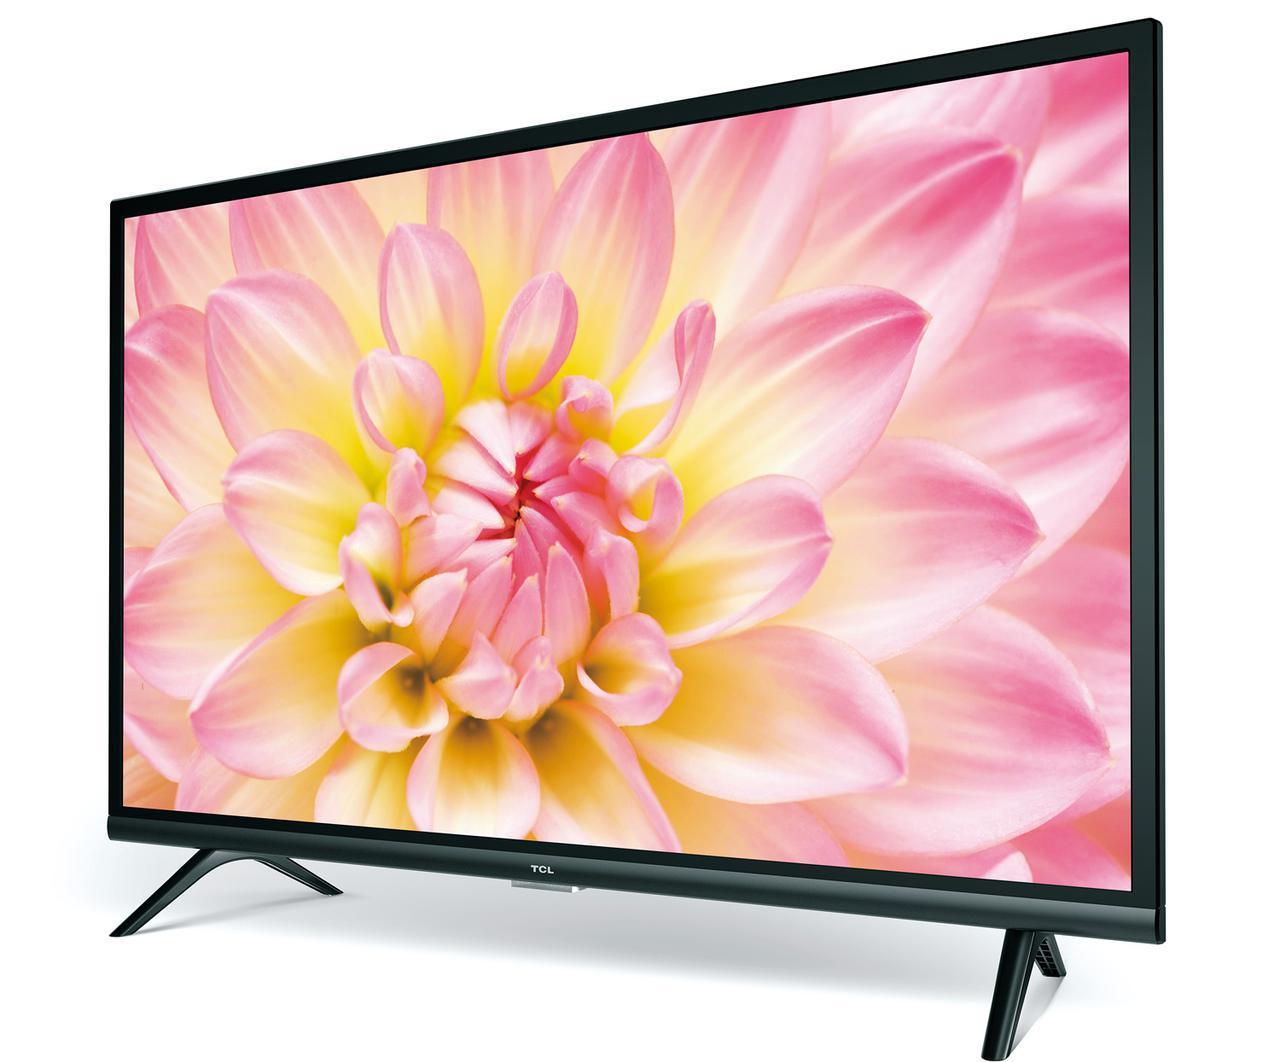 画像1: 緻密さの向上で魅力アップ! TCLの新型32インチ・フルHD液晶で、ネット動画&HDRを楽しむ【TCL 32S5200A】